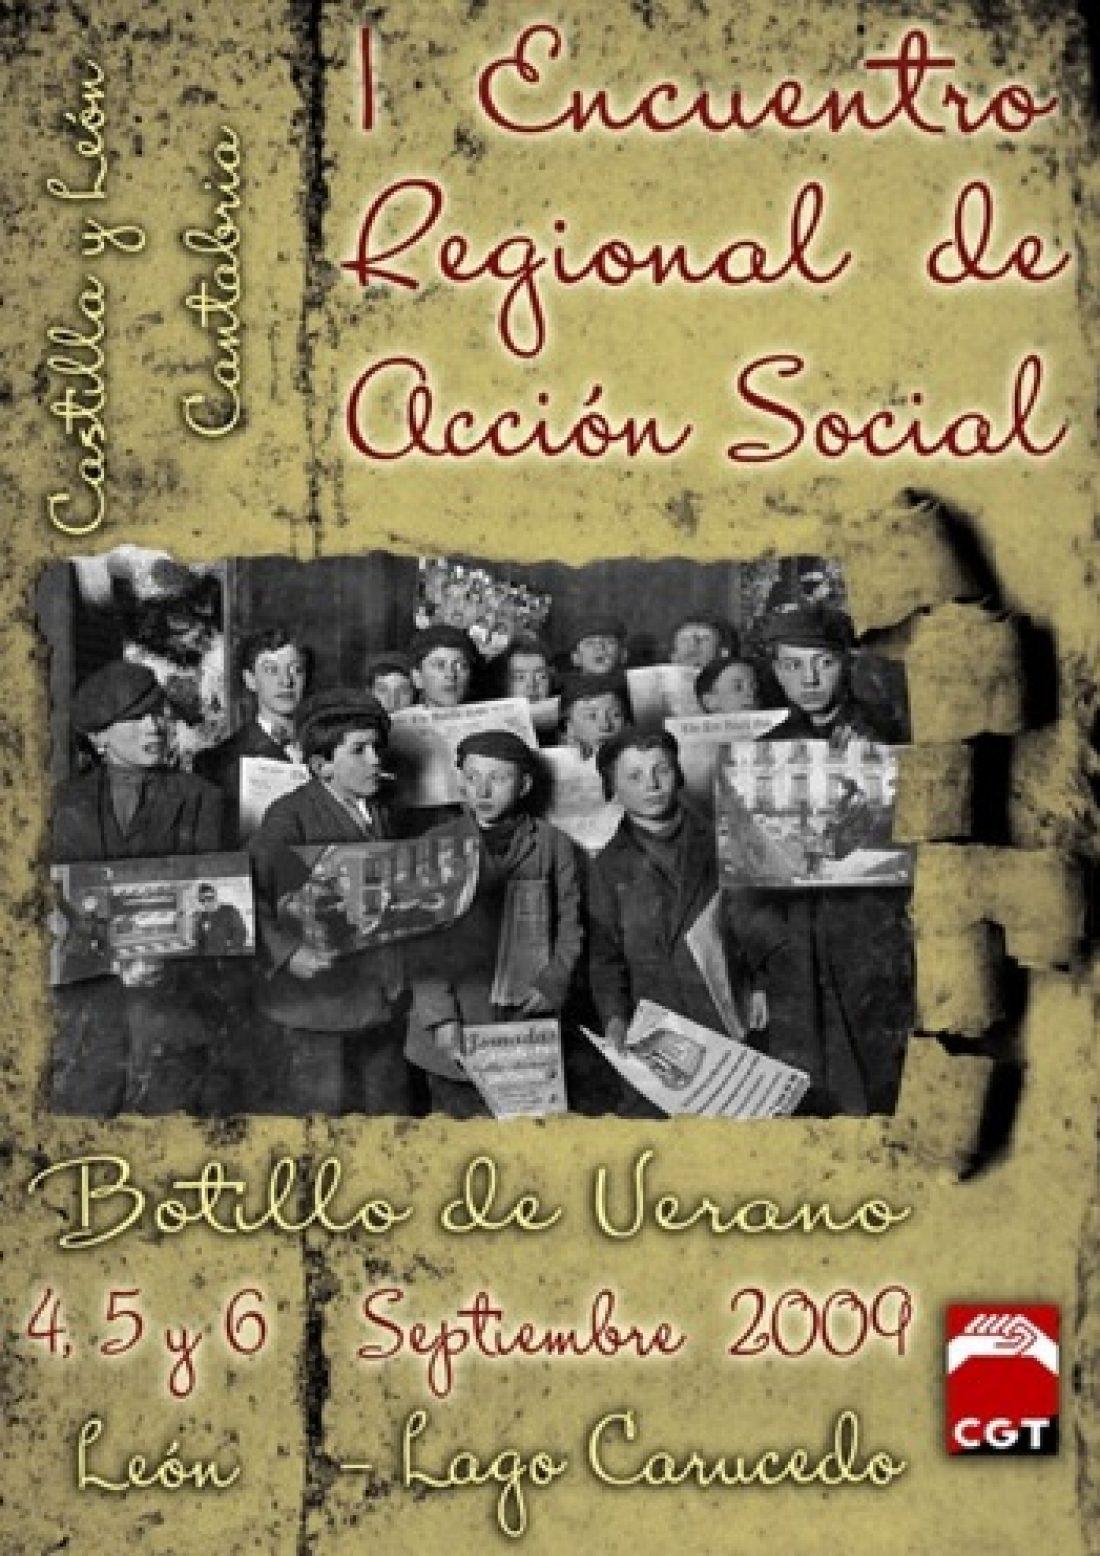 Botillo de Verano: 1er Encuentro de CGT Castilla y León-Cantabria de Acción Social